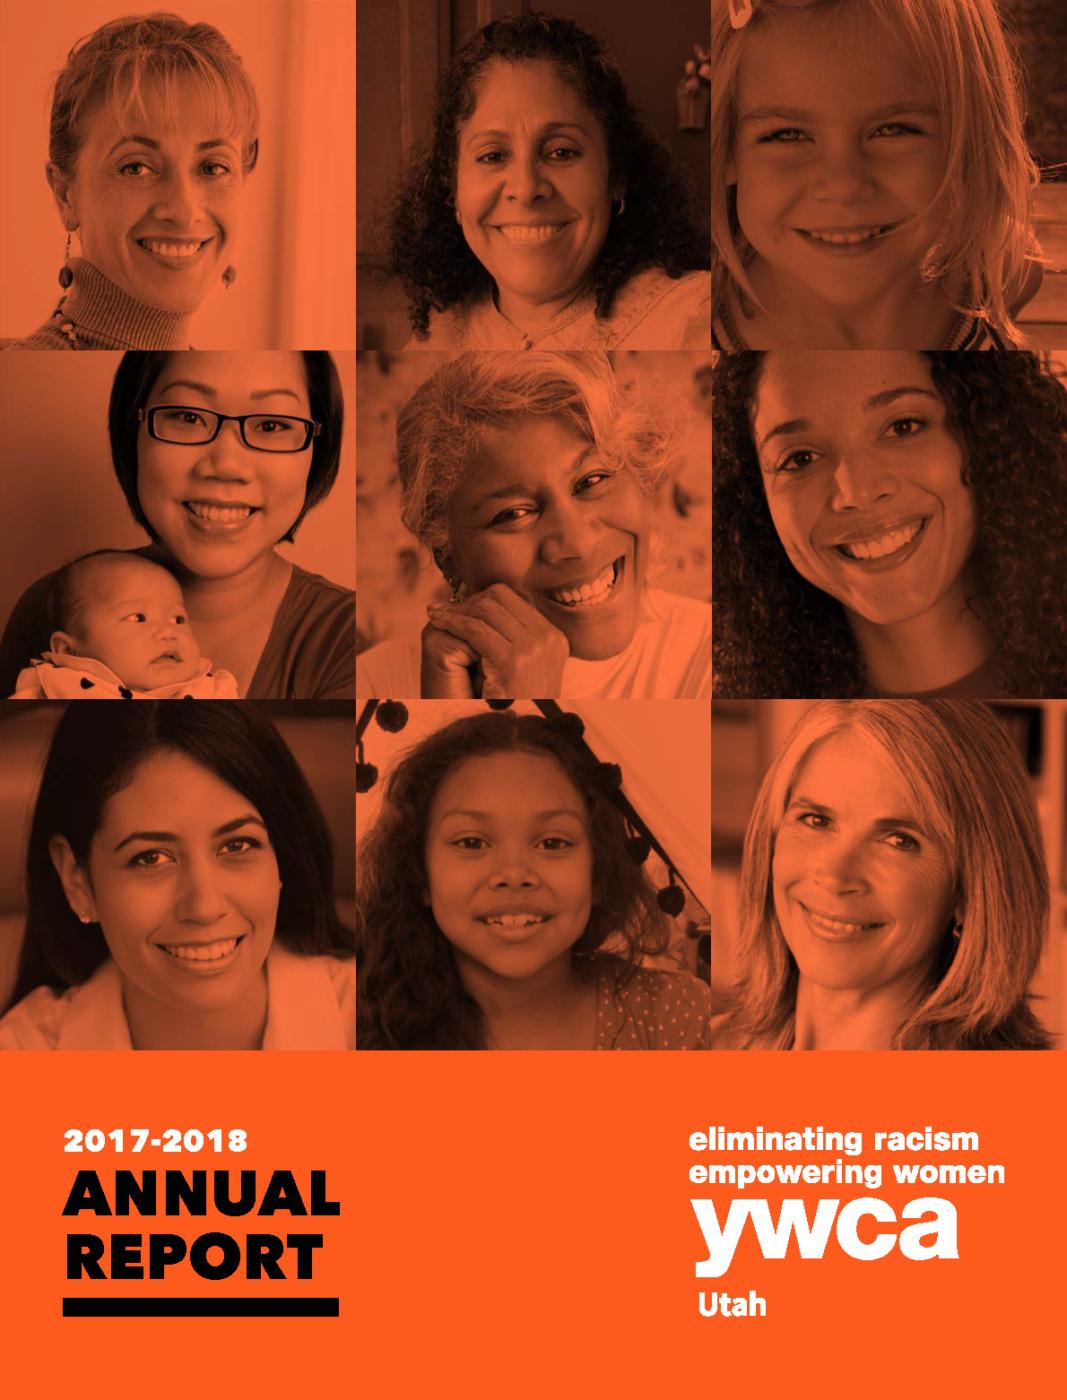 YWCA Utah 17-18 Annual Report